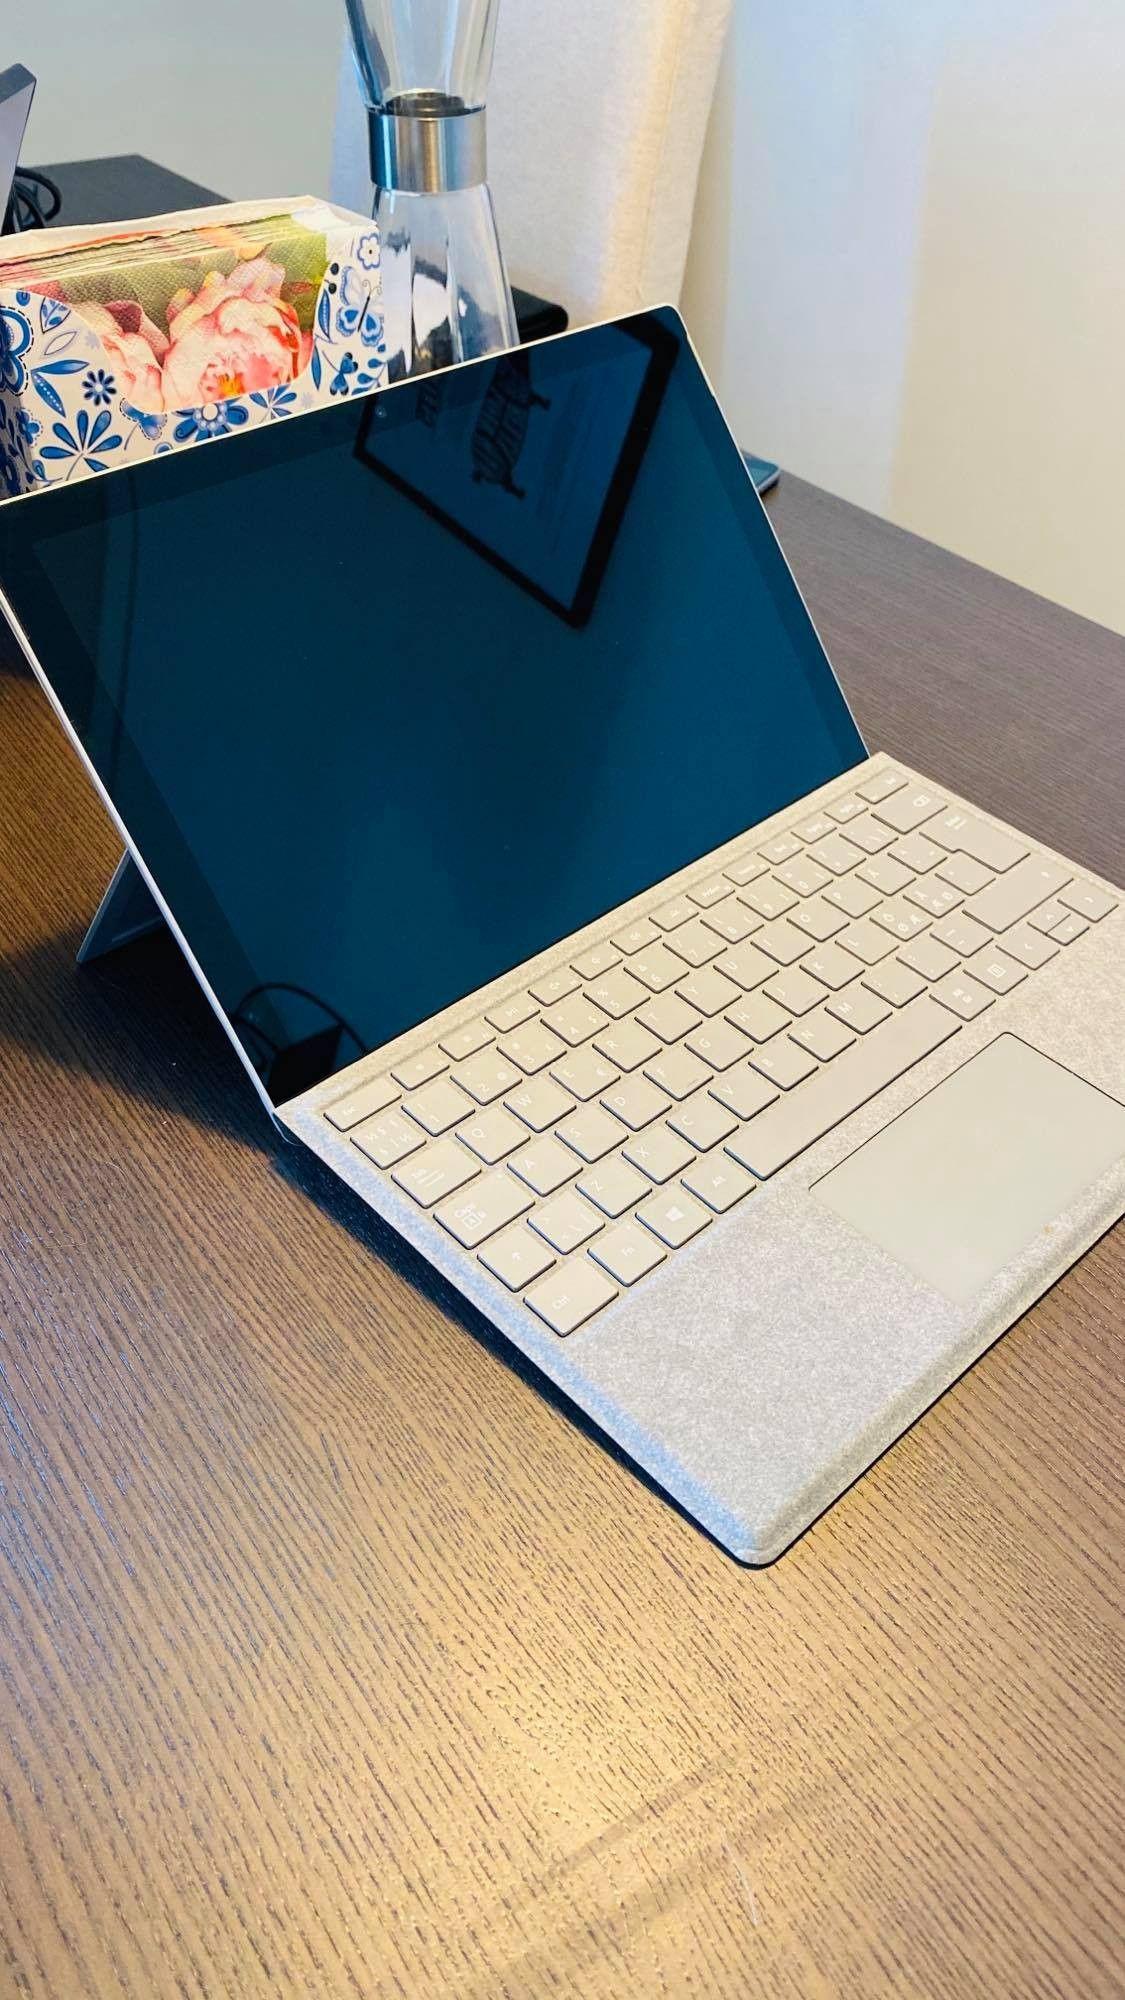 Microsoft surface Kjøpe, selge og utveksle annonser de